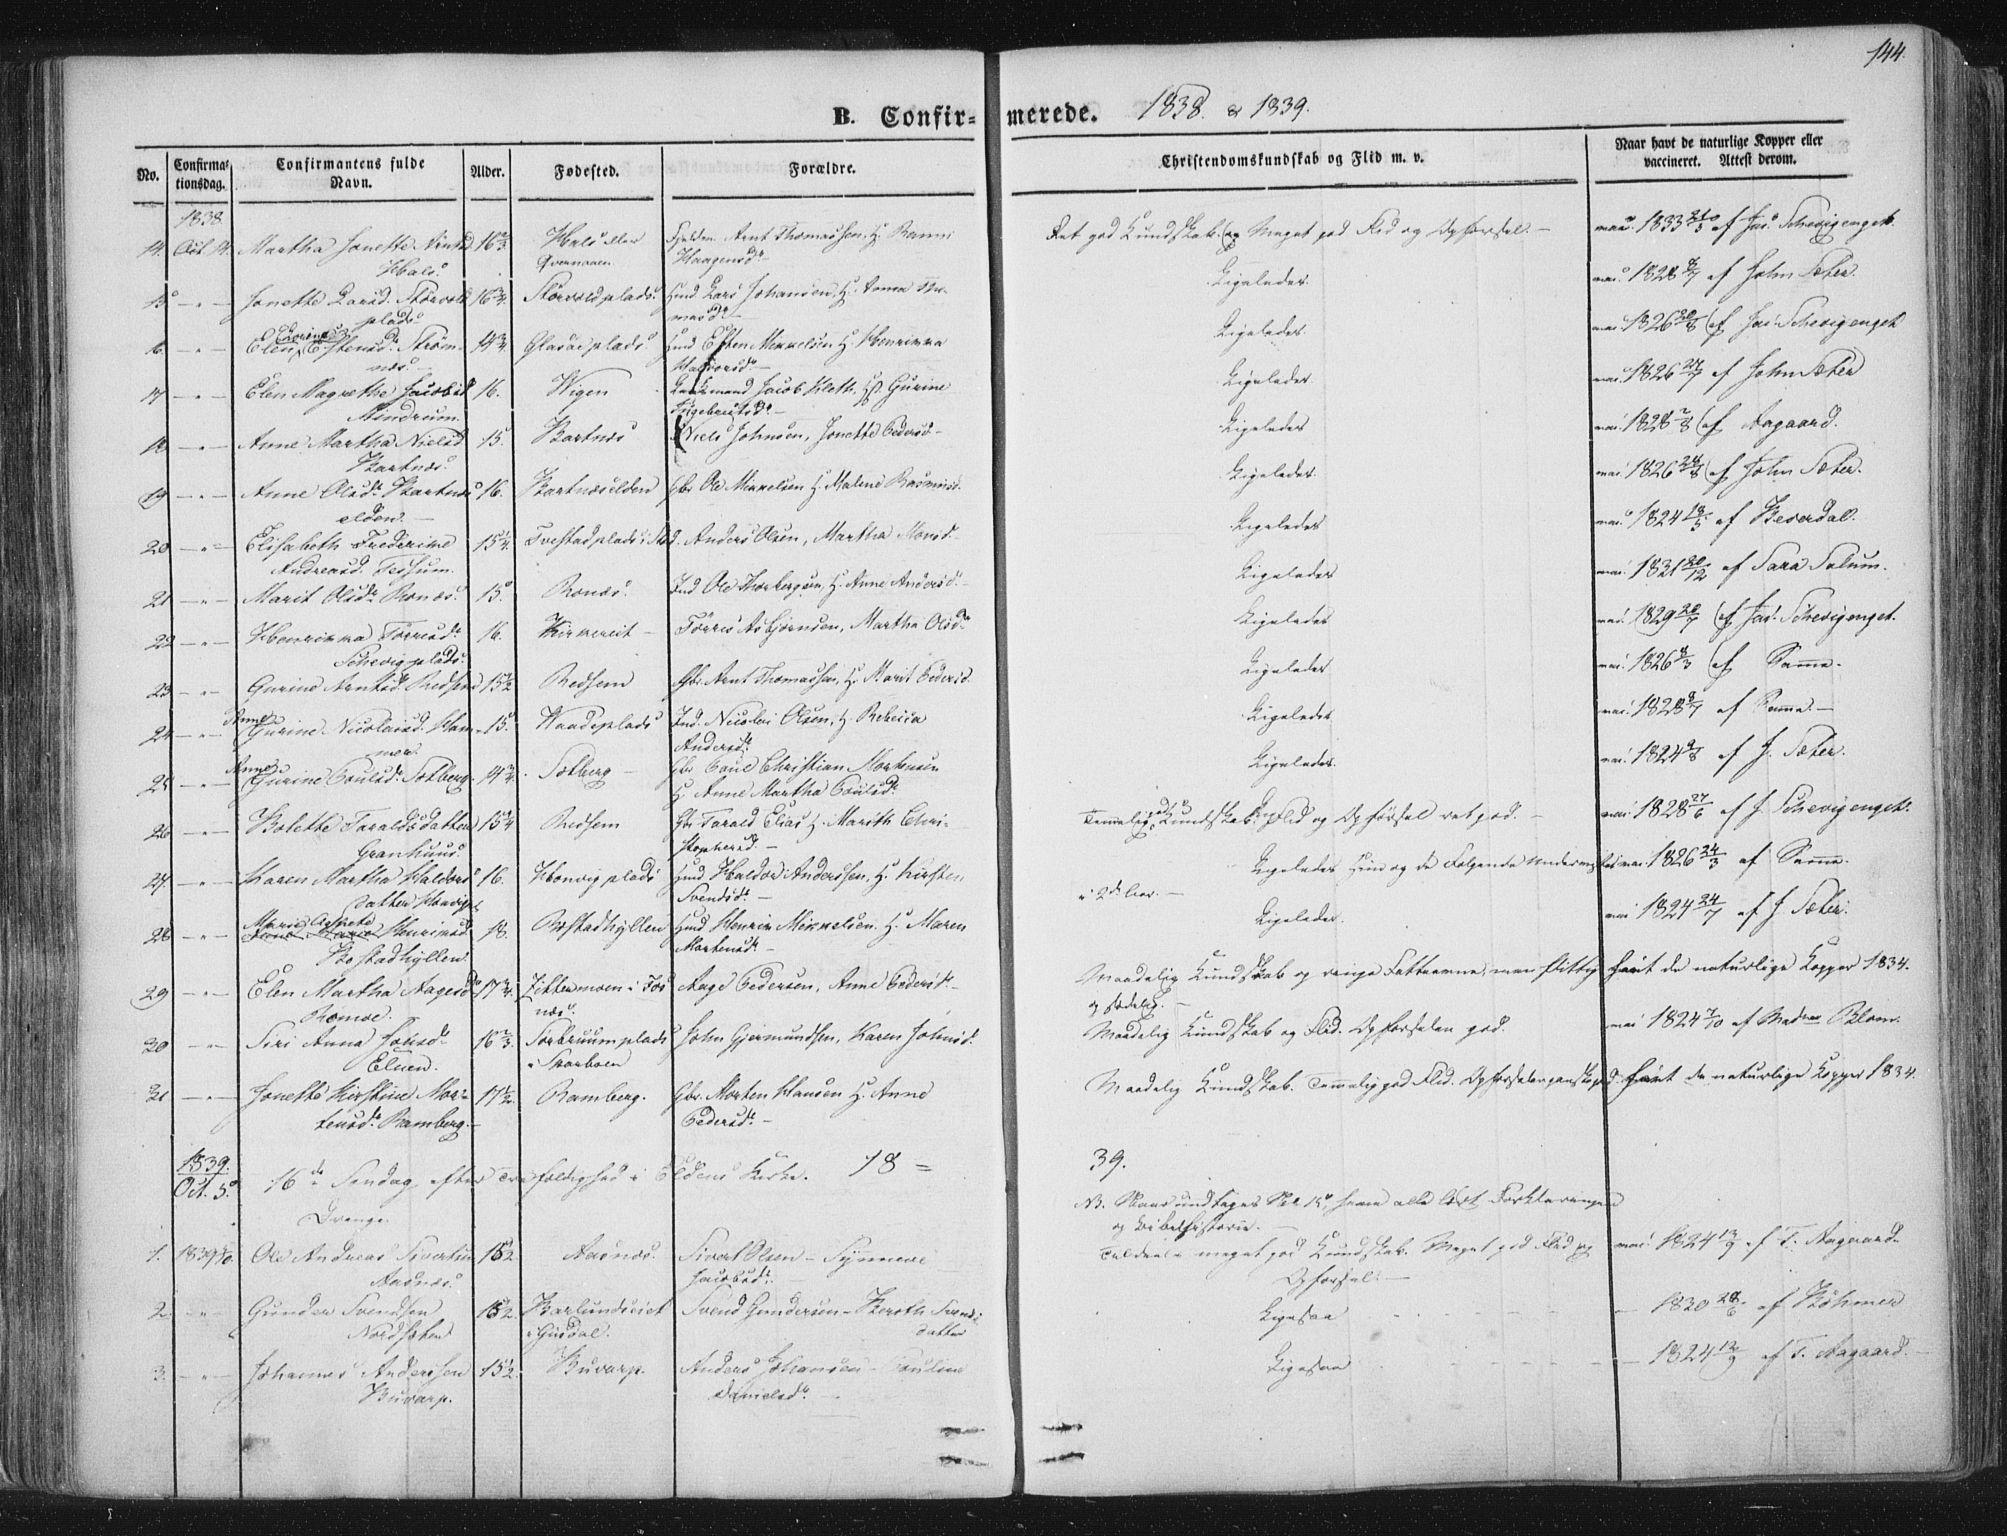 SAT, Ministerialprotokoller, klokkerbøker og fødselsregistre - Nord-Trøndelag, 741/L0392: Ministerialbok nr. 741A06, 1836-1848, s. 144